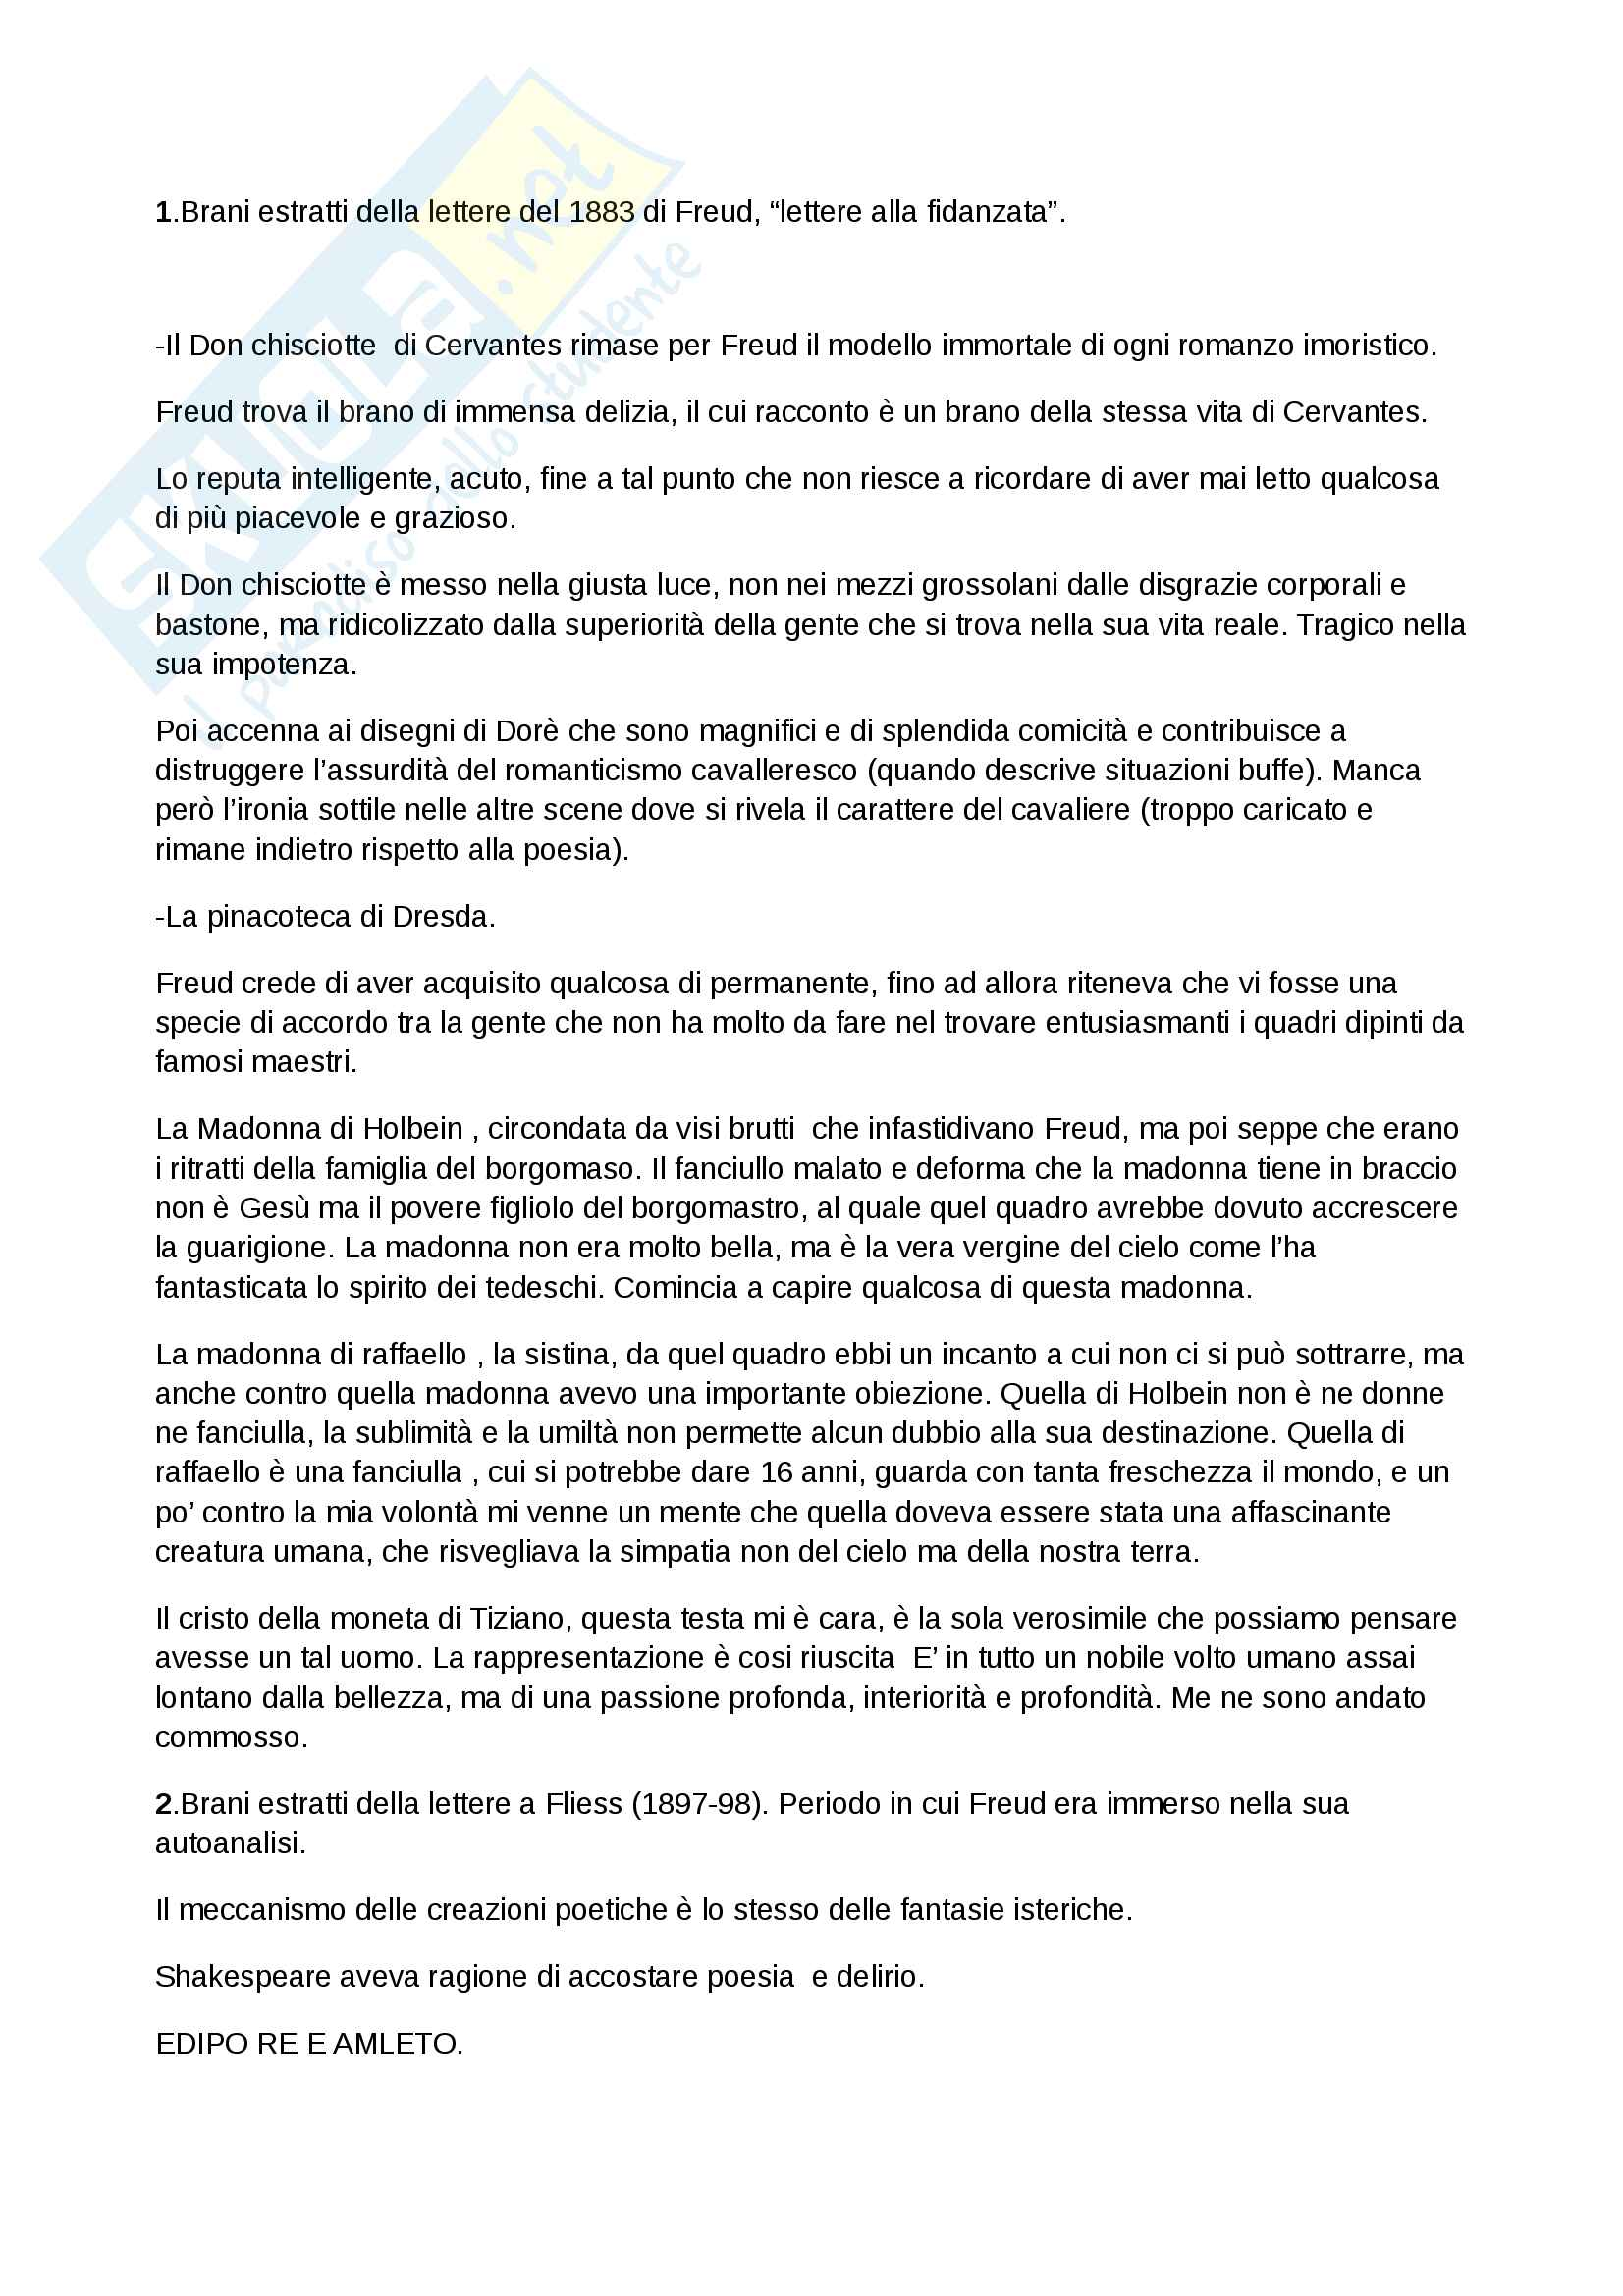 Riassunto per l'esame di psicologia dell'arte, docente Stefano Ferrari , libro consigliato Saggi sull'arte, la letteratura e il linguaggio, Boringhieri